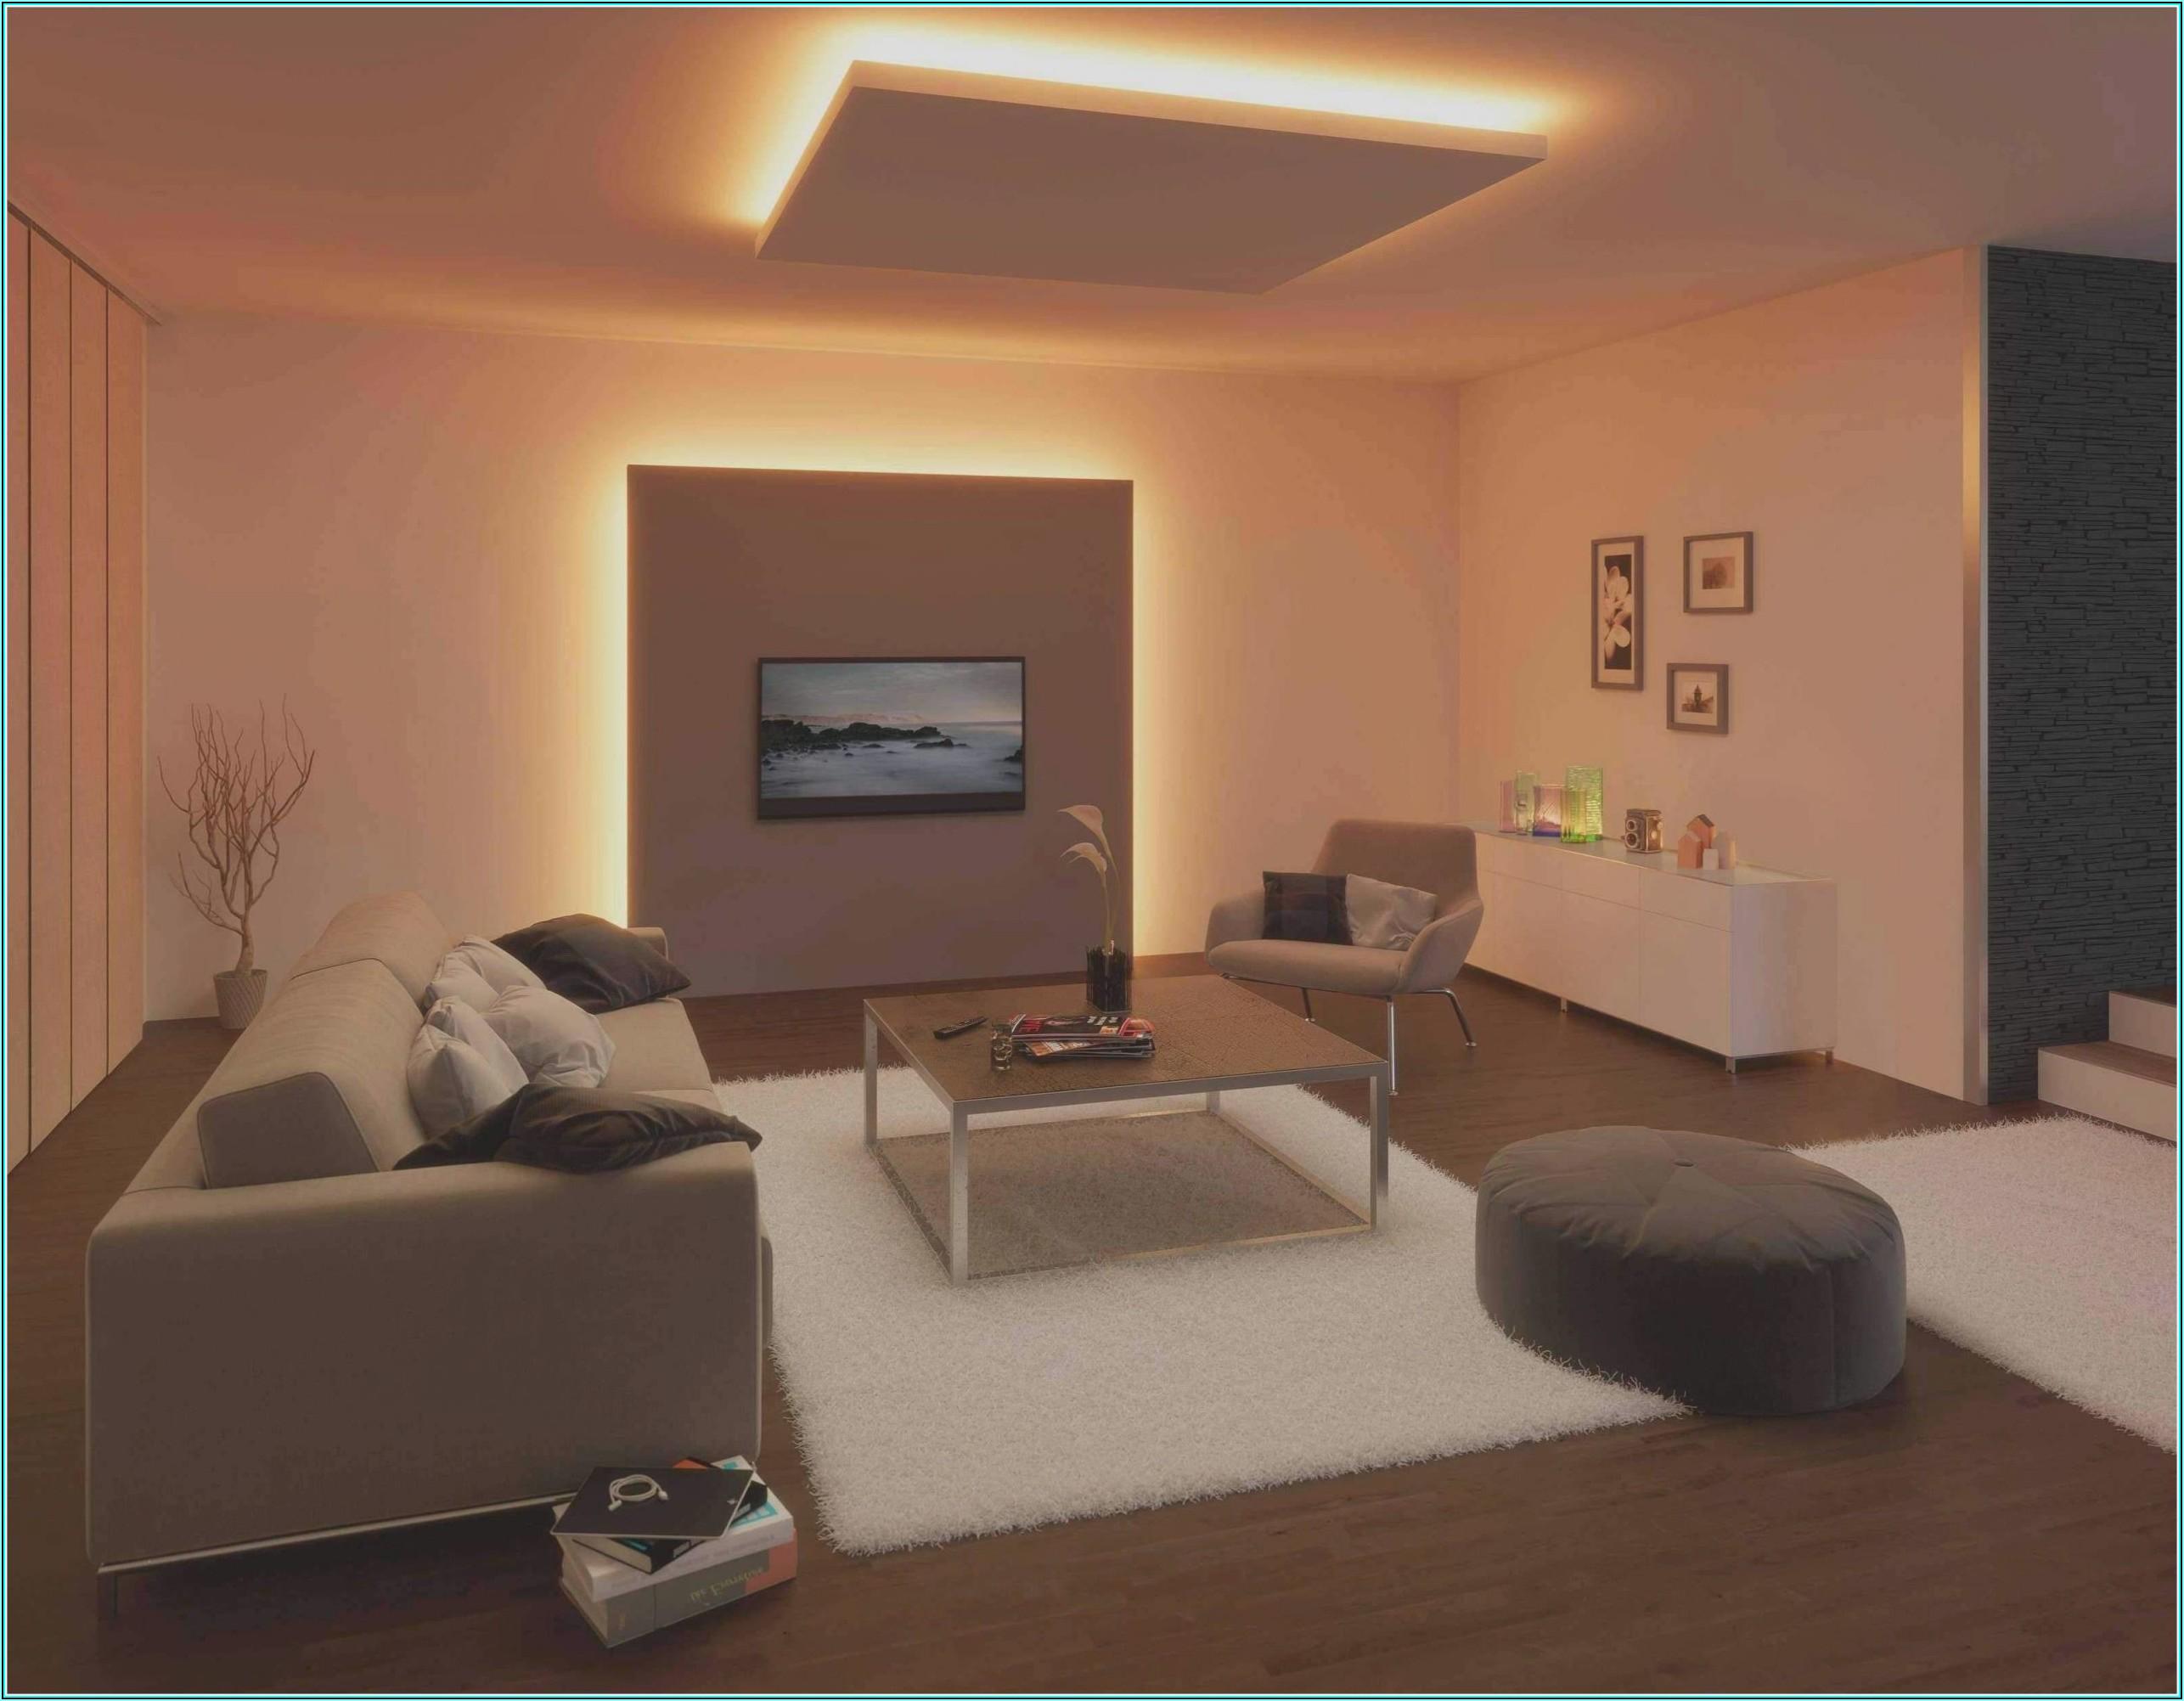 Bilder Für Wohnzimmer Querformat